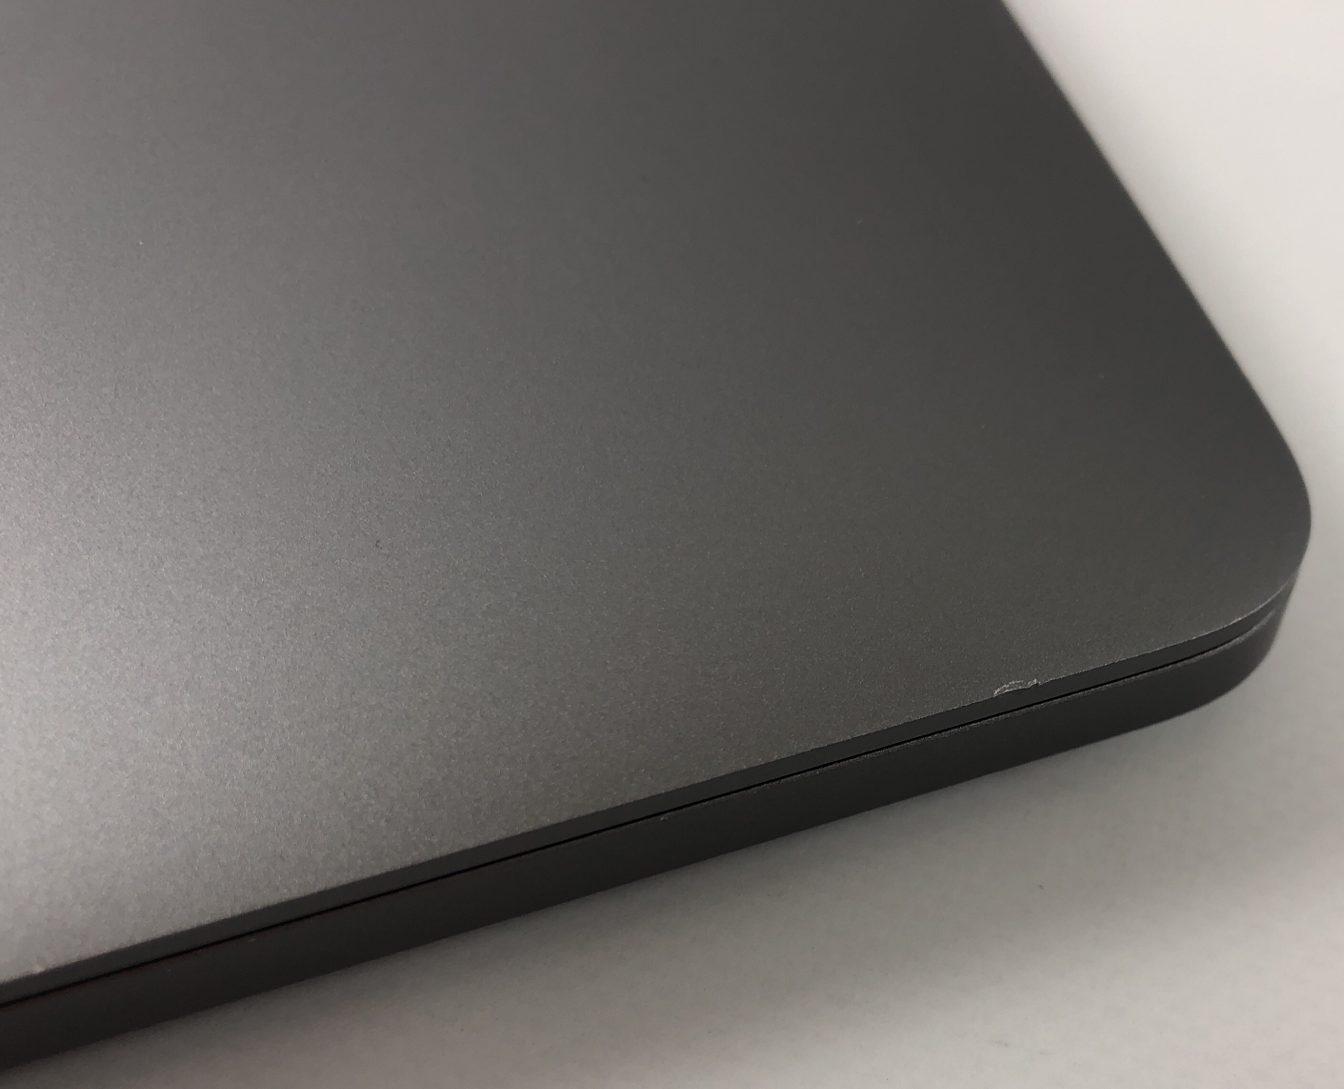 """MacBook Pro 15"""" Touch Bar Late 2016 (Intel Quad-Core i7 2.9 GHz 16 GB RAM 512 GB SSD), Space Gray, Intel Quad-Core i7 2.9 GHz, 16 GB RAM, 512 GB SSD, bild 3"""